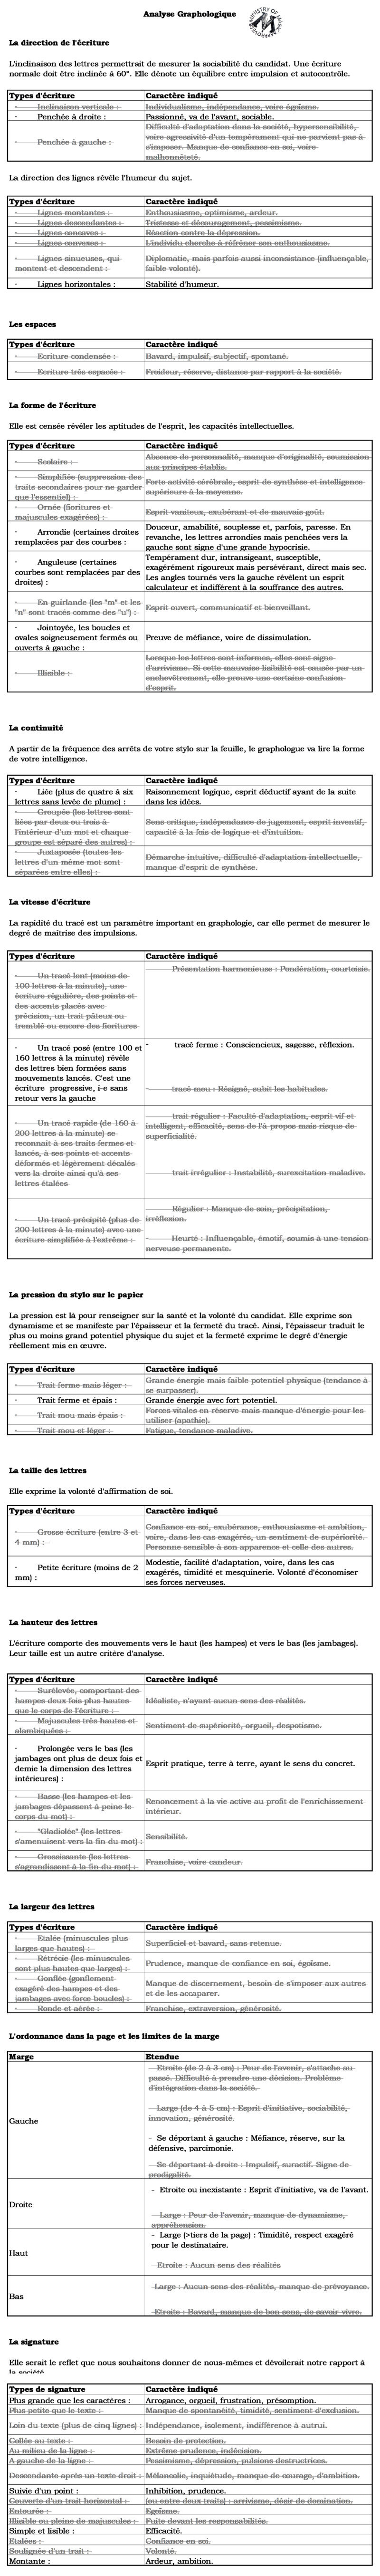 Archives du Ministère de la Magie - Annexe au dossier n°27R491 - ROBARDS, Gauwain Analys14